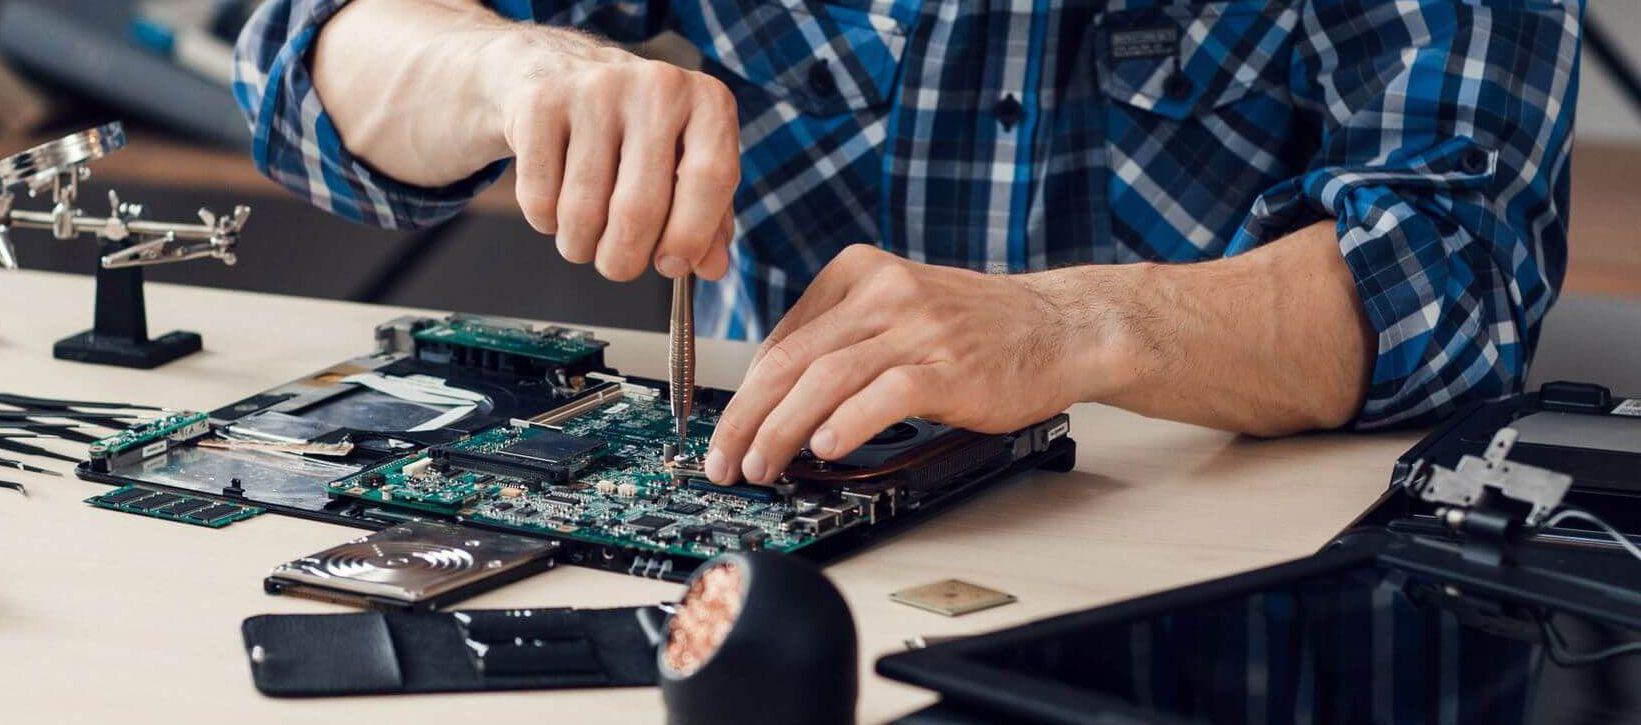 5 распространенных проблем с ноутбуком